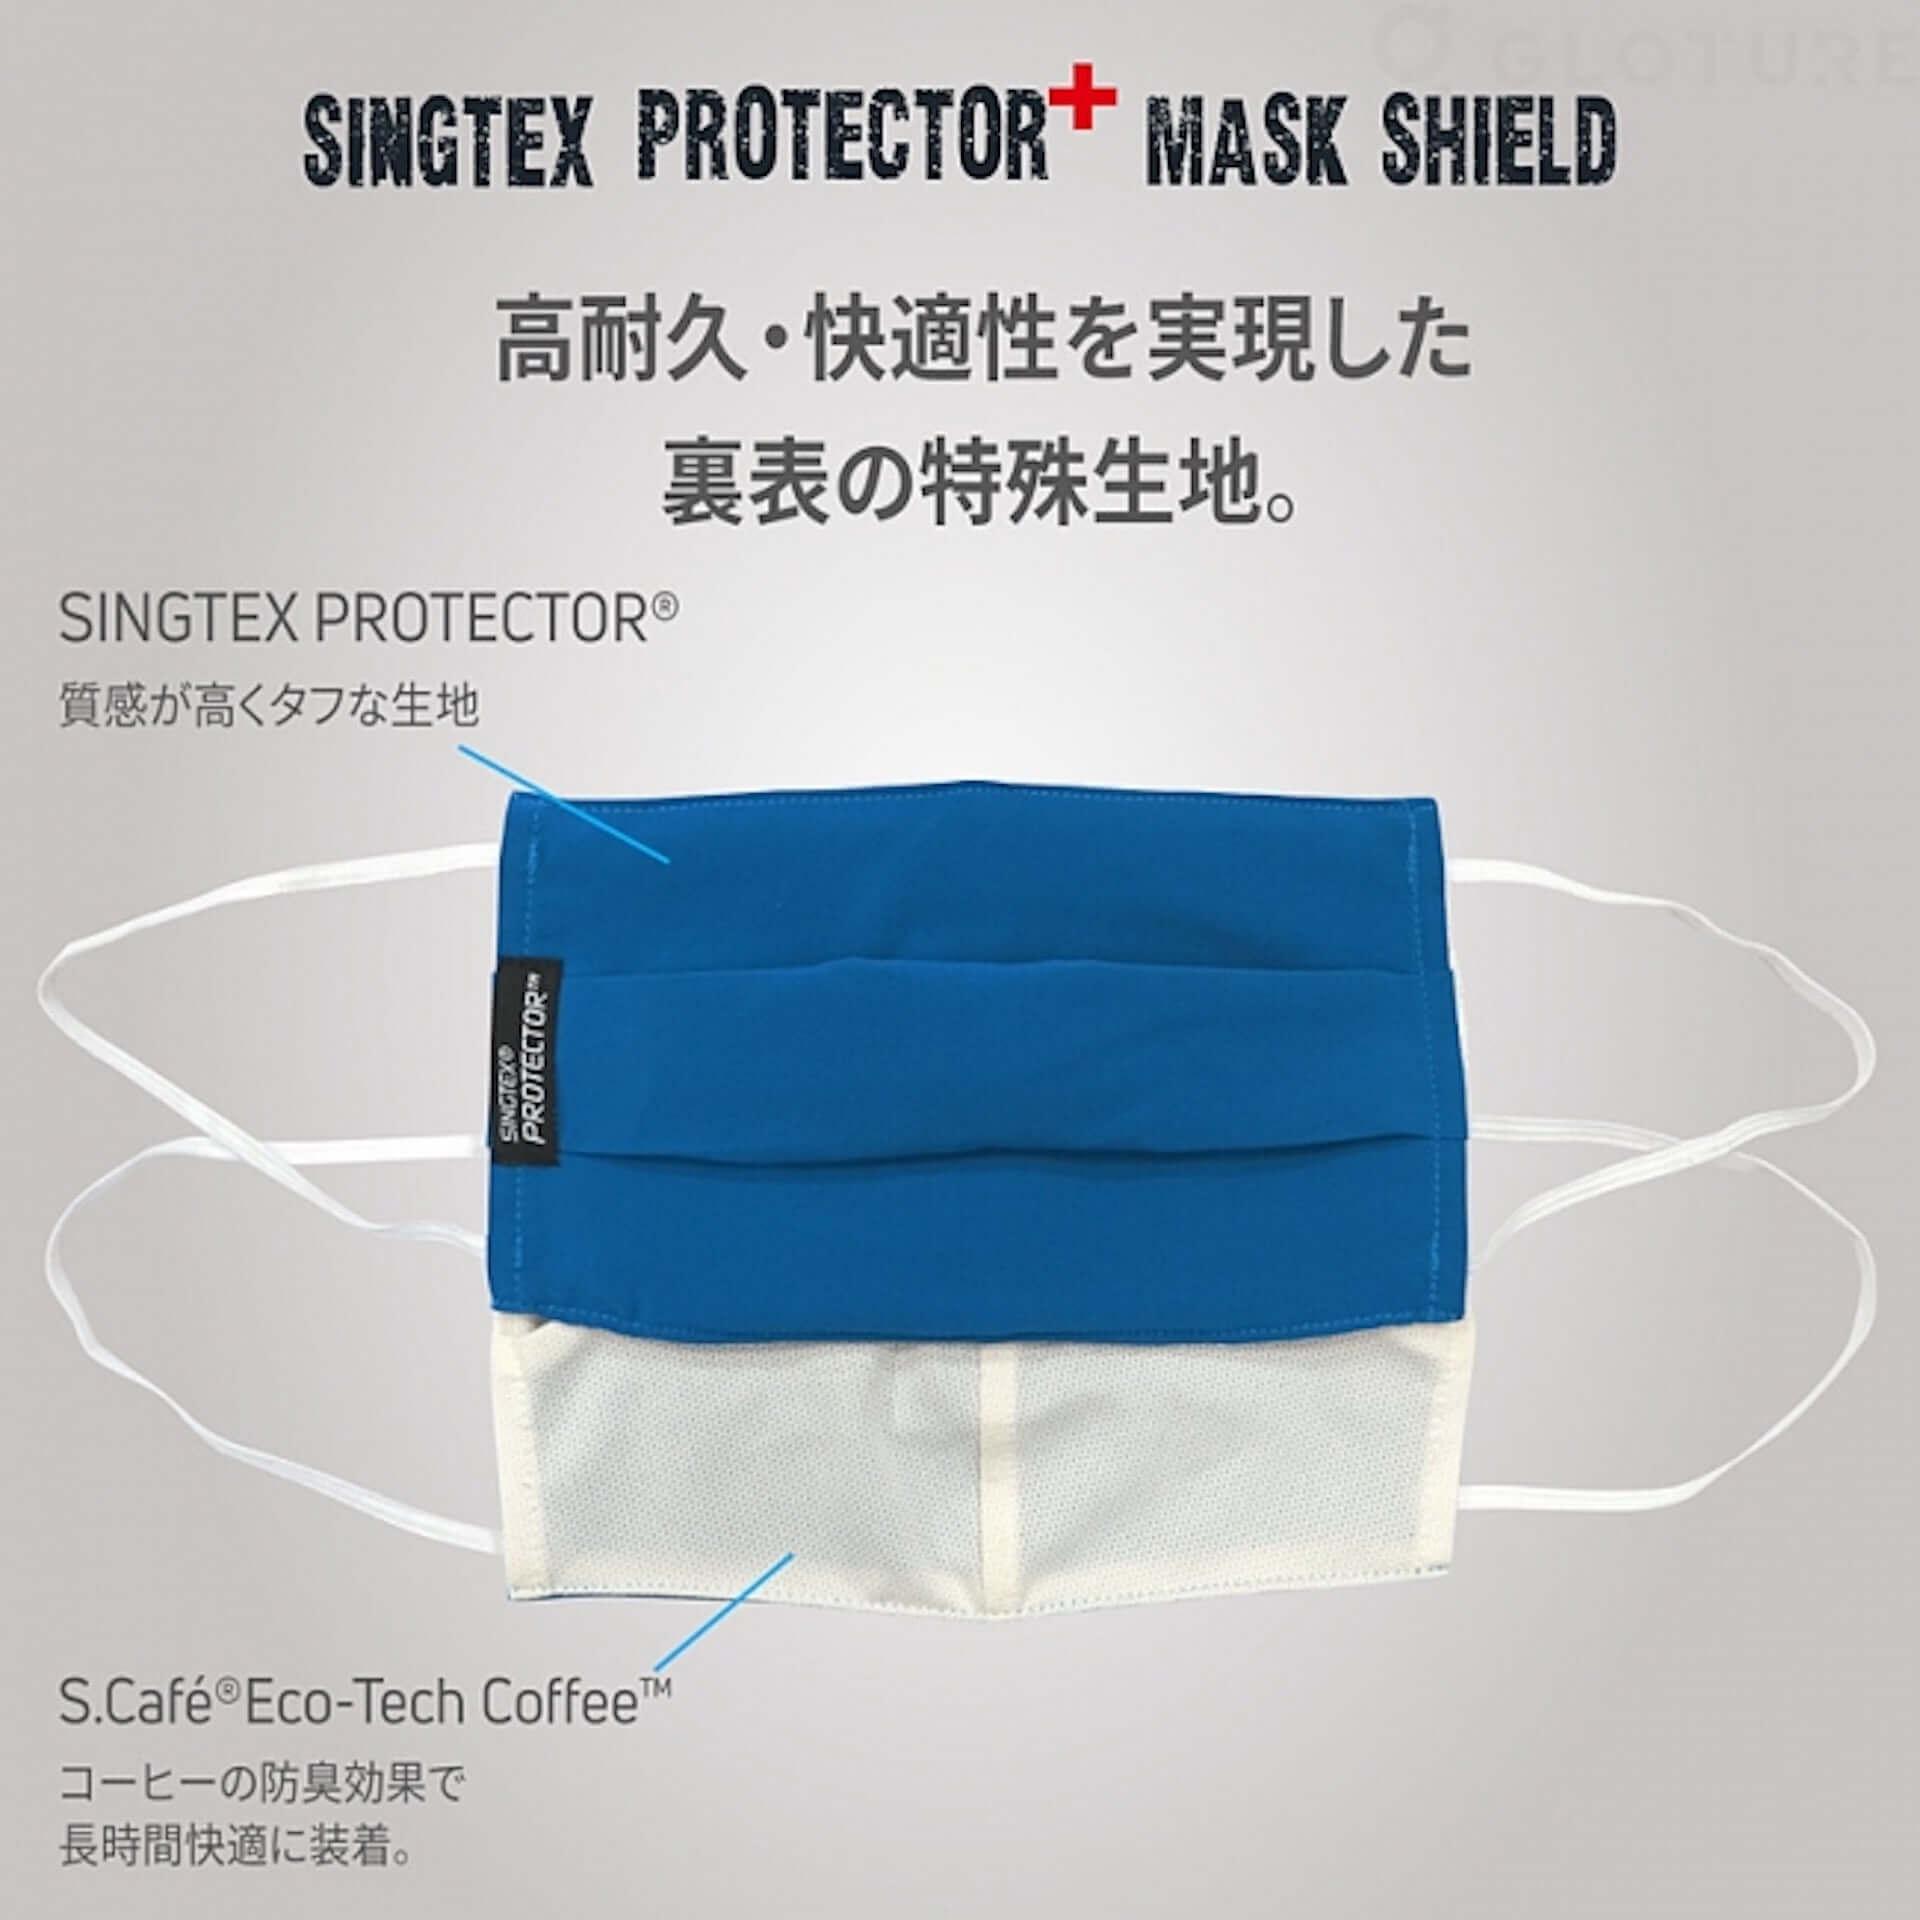 ハイテク・マスクカバー4つ購入で50枚入りマスク1箱が無料に!「SINGTEX PROTECTOR+」の家族パックキャンペーンが実施 tech200521_singtexmask_06-1920x1920